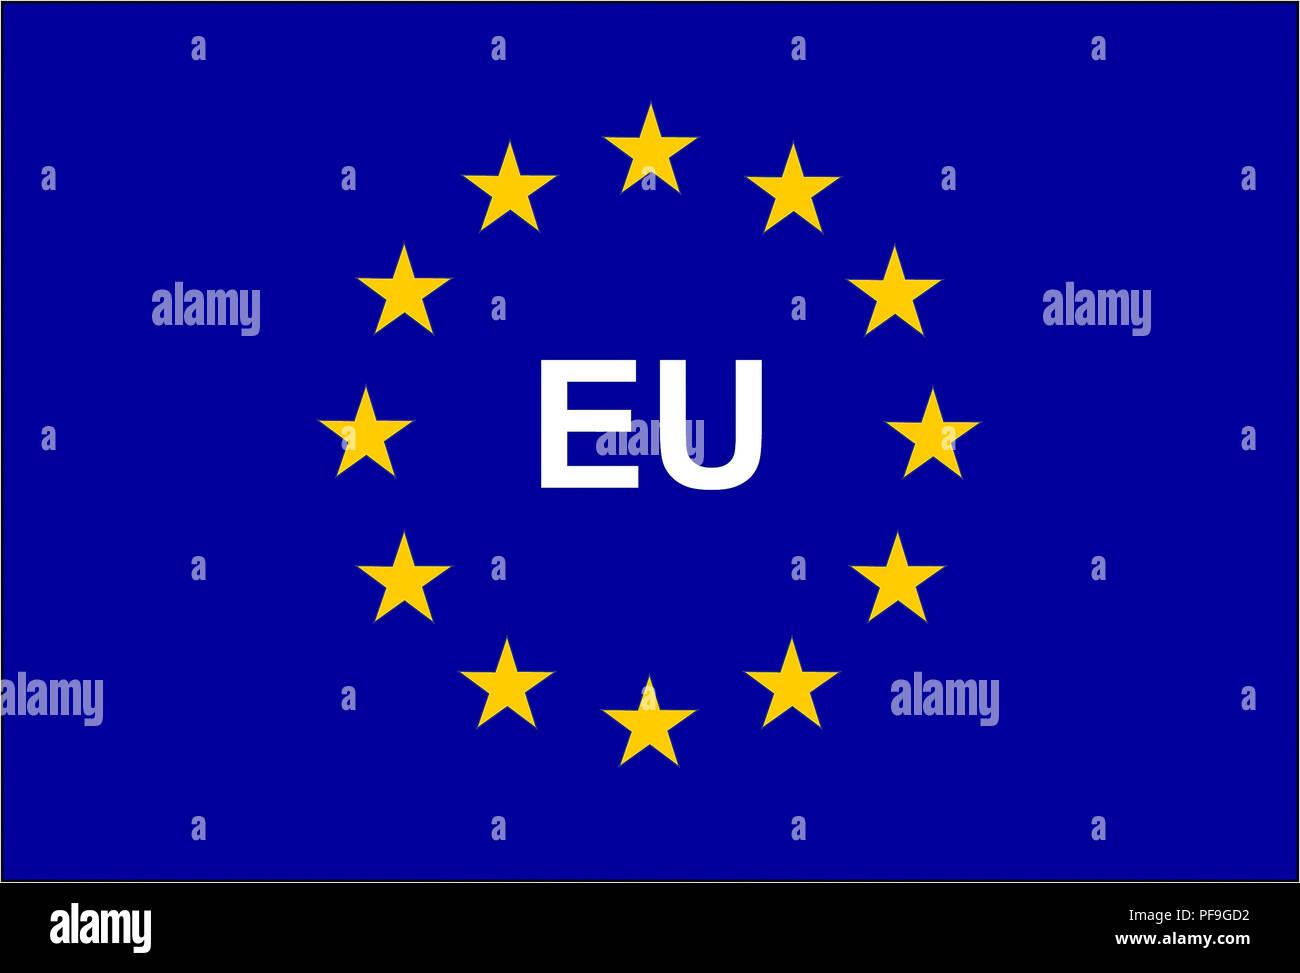 Drapeau de l'Union européenne et l'Union européenne symbole Photo Stock